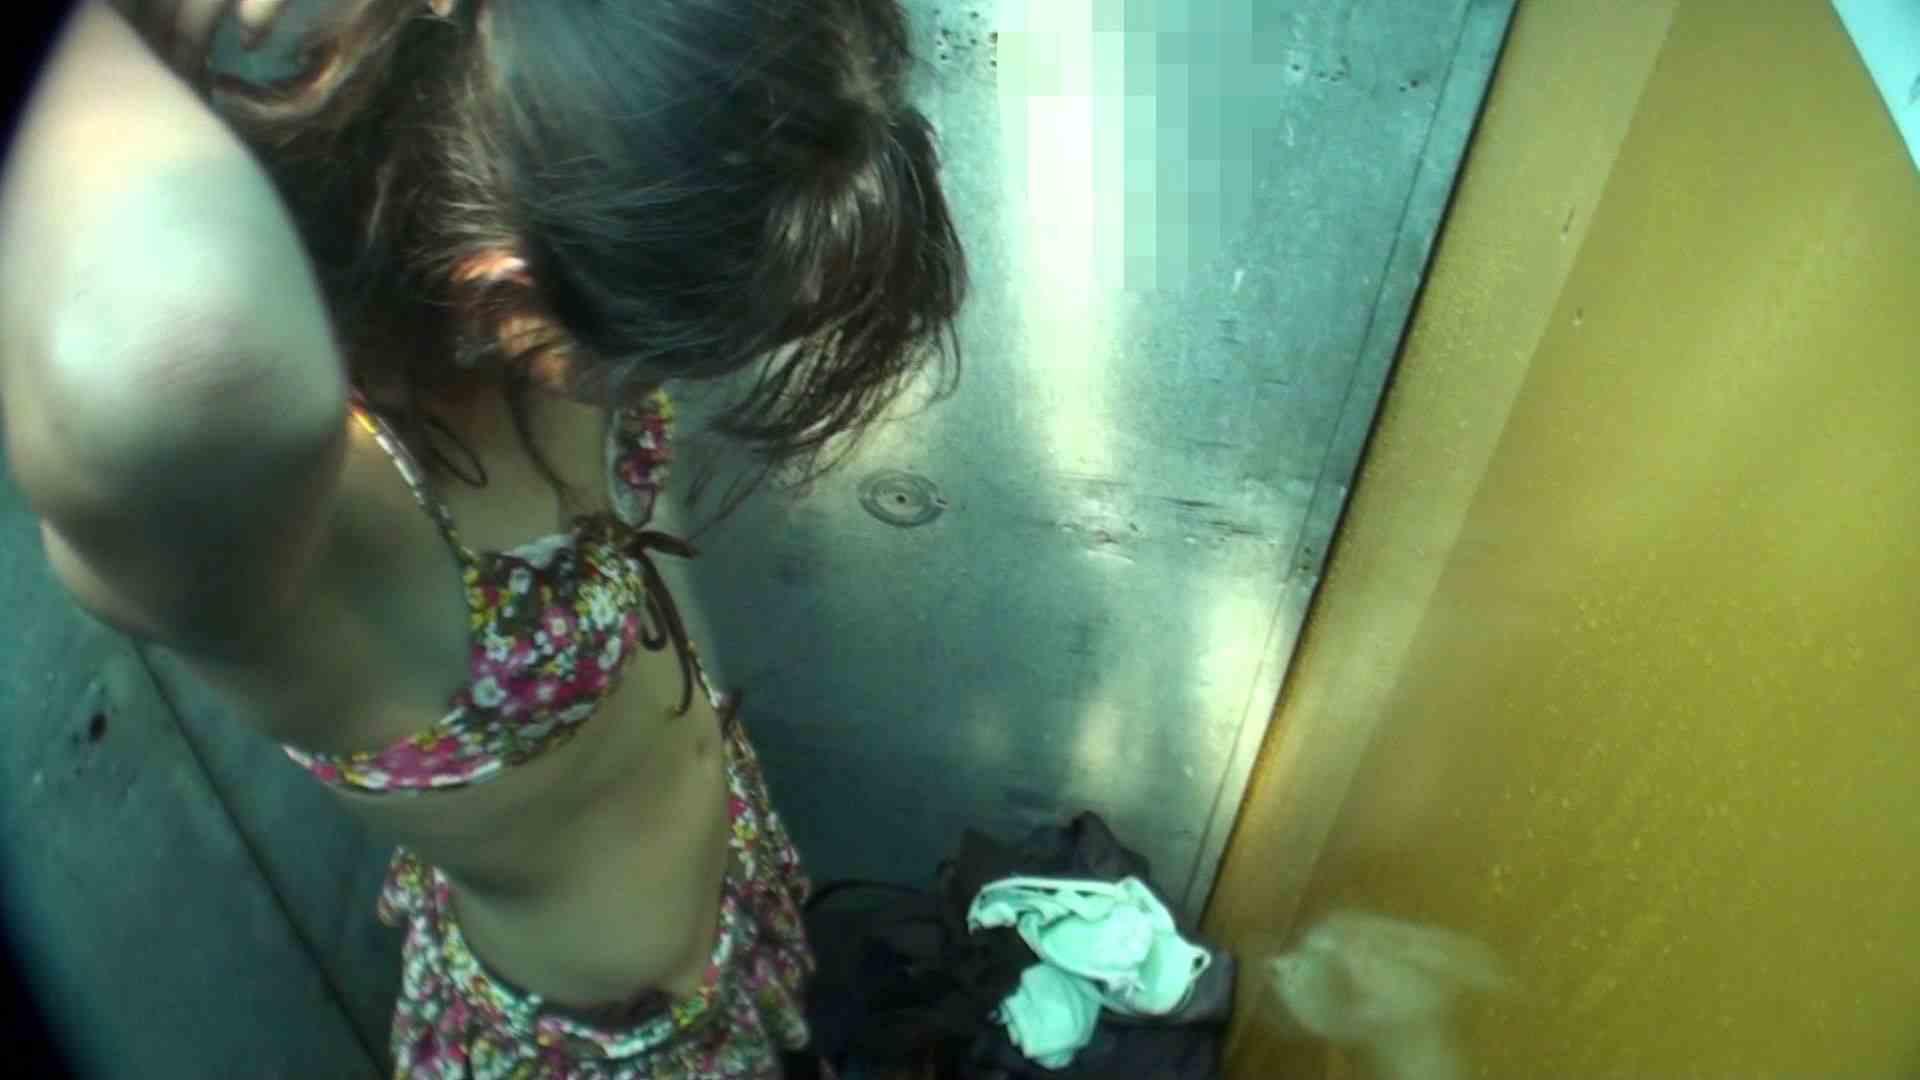 シャワールームは超!!危険な香りVol.16 意外に乳首は年増のそれ エロティックなOL  105画像 35